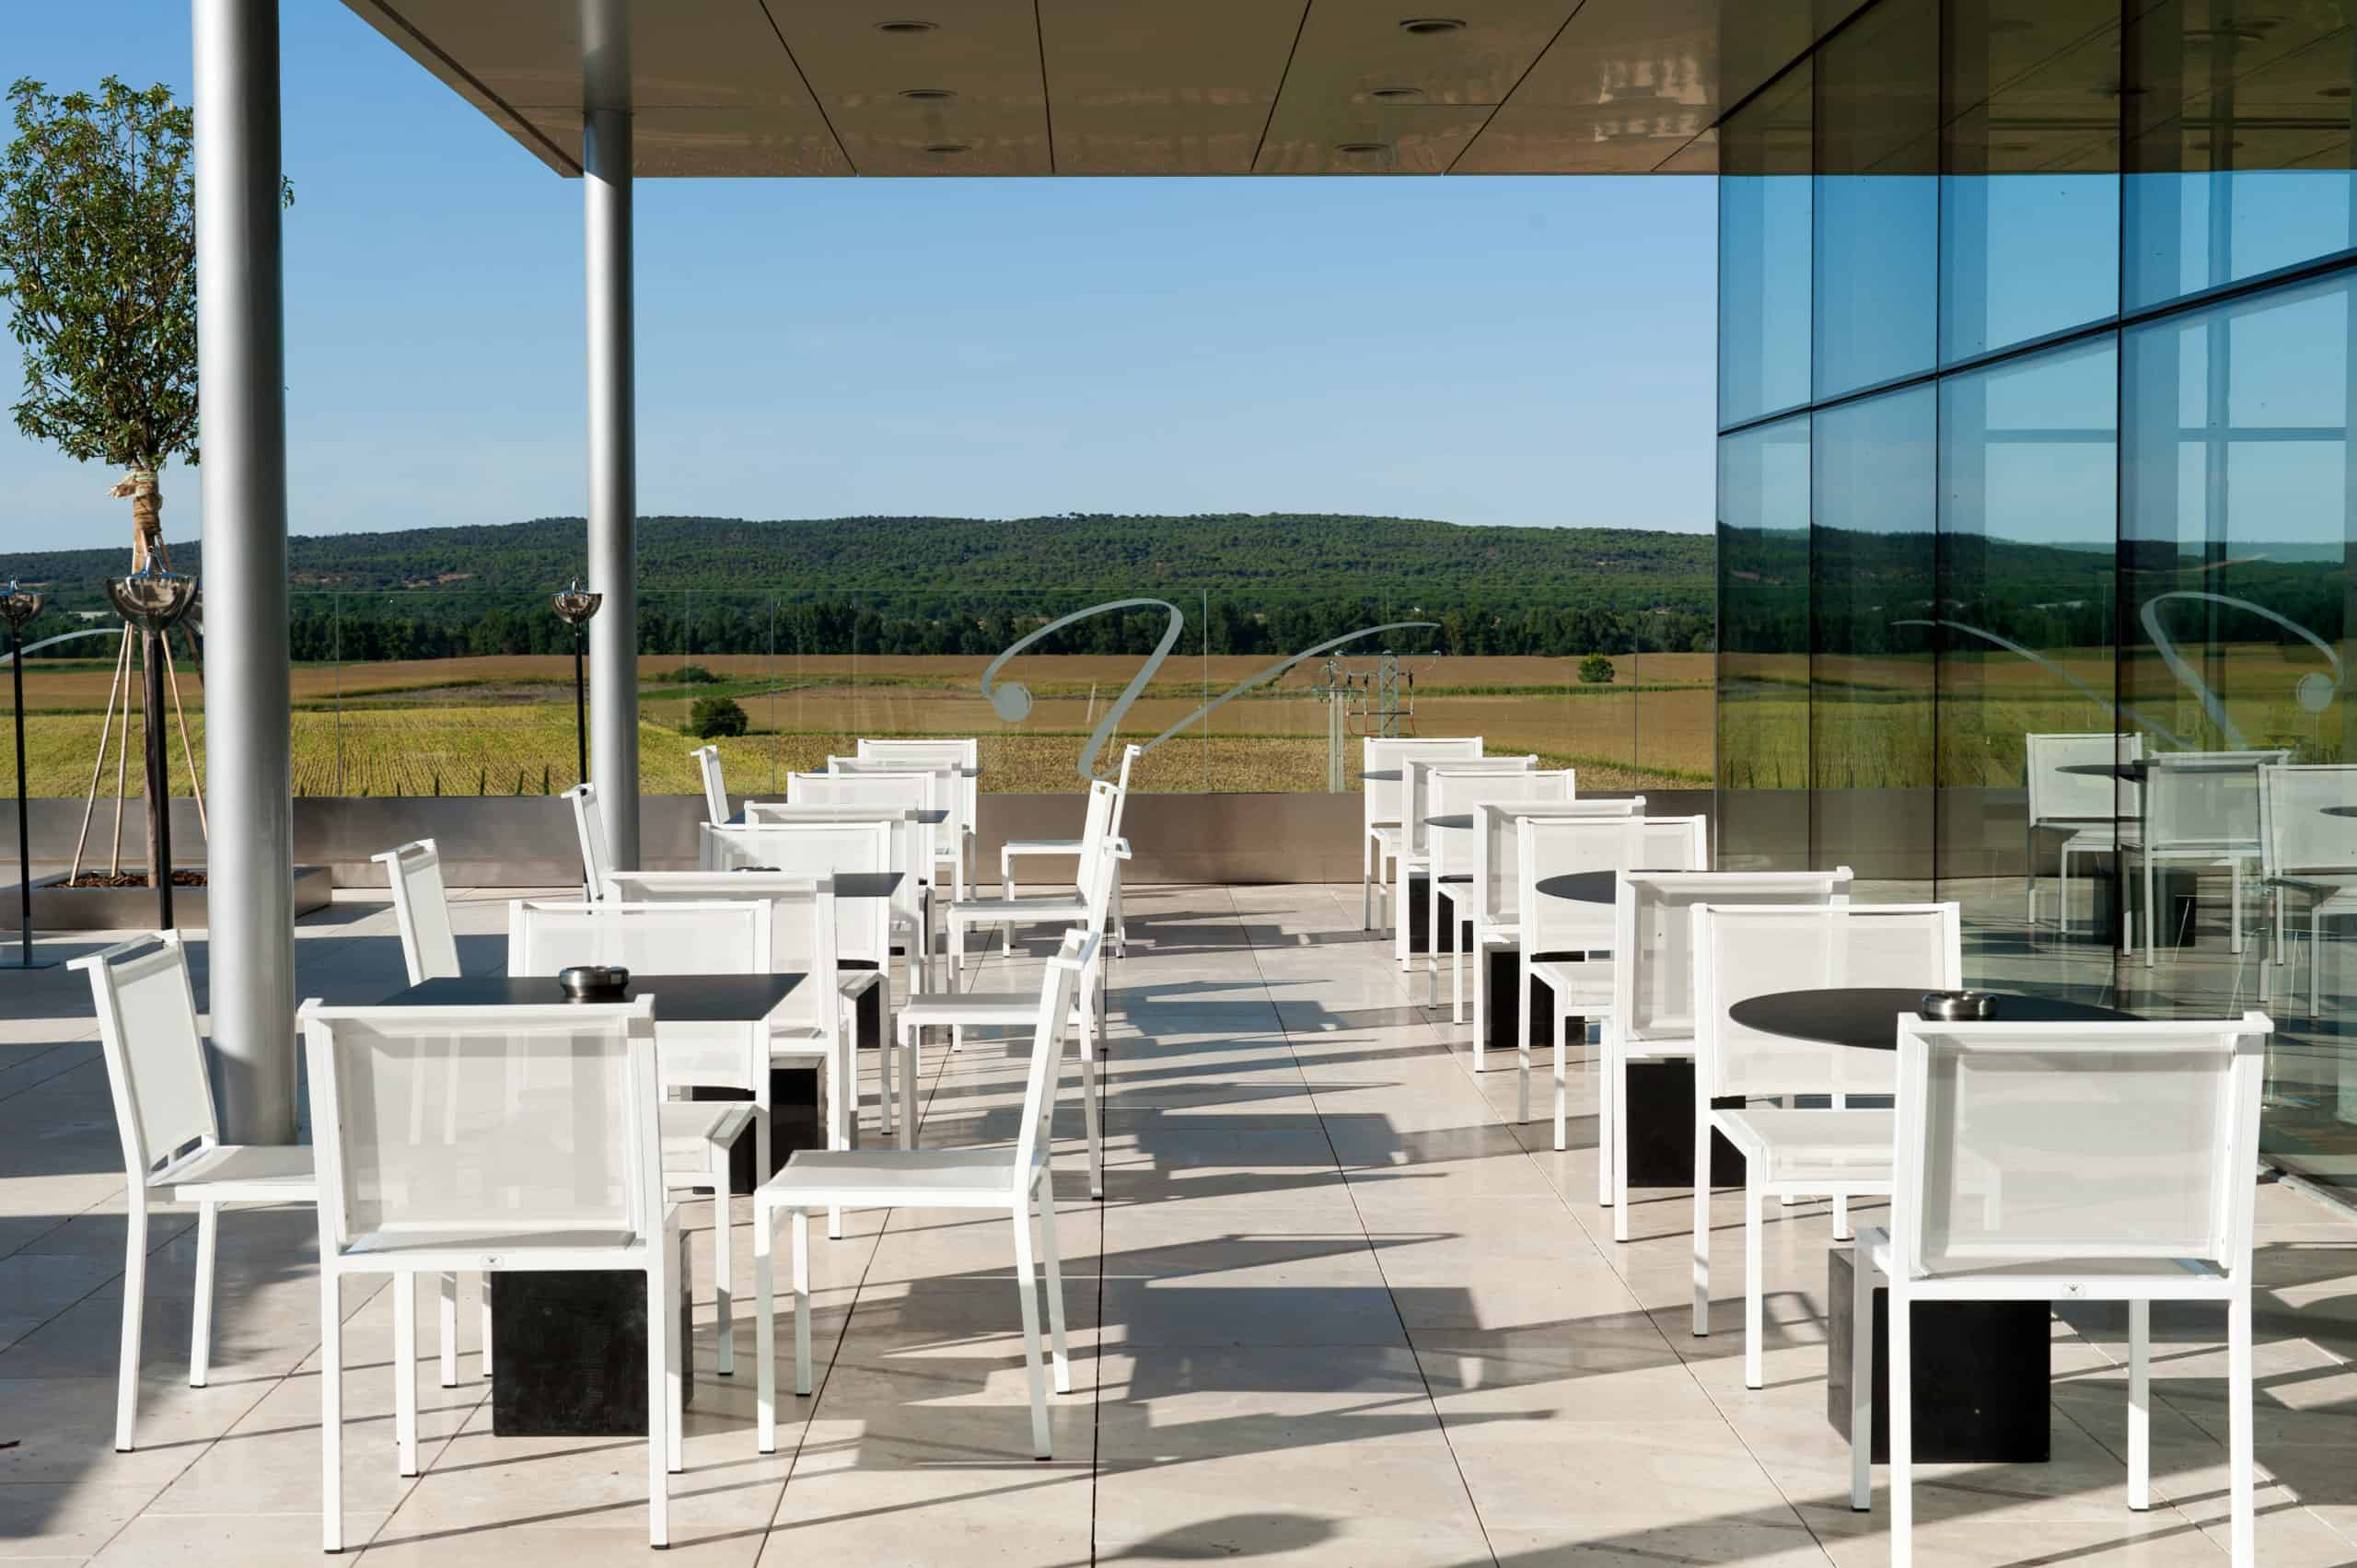 Imagen del equipamiento terraza exterior hotel Valbusenda